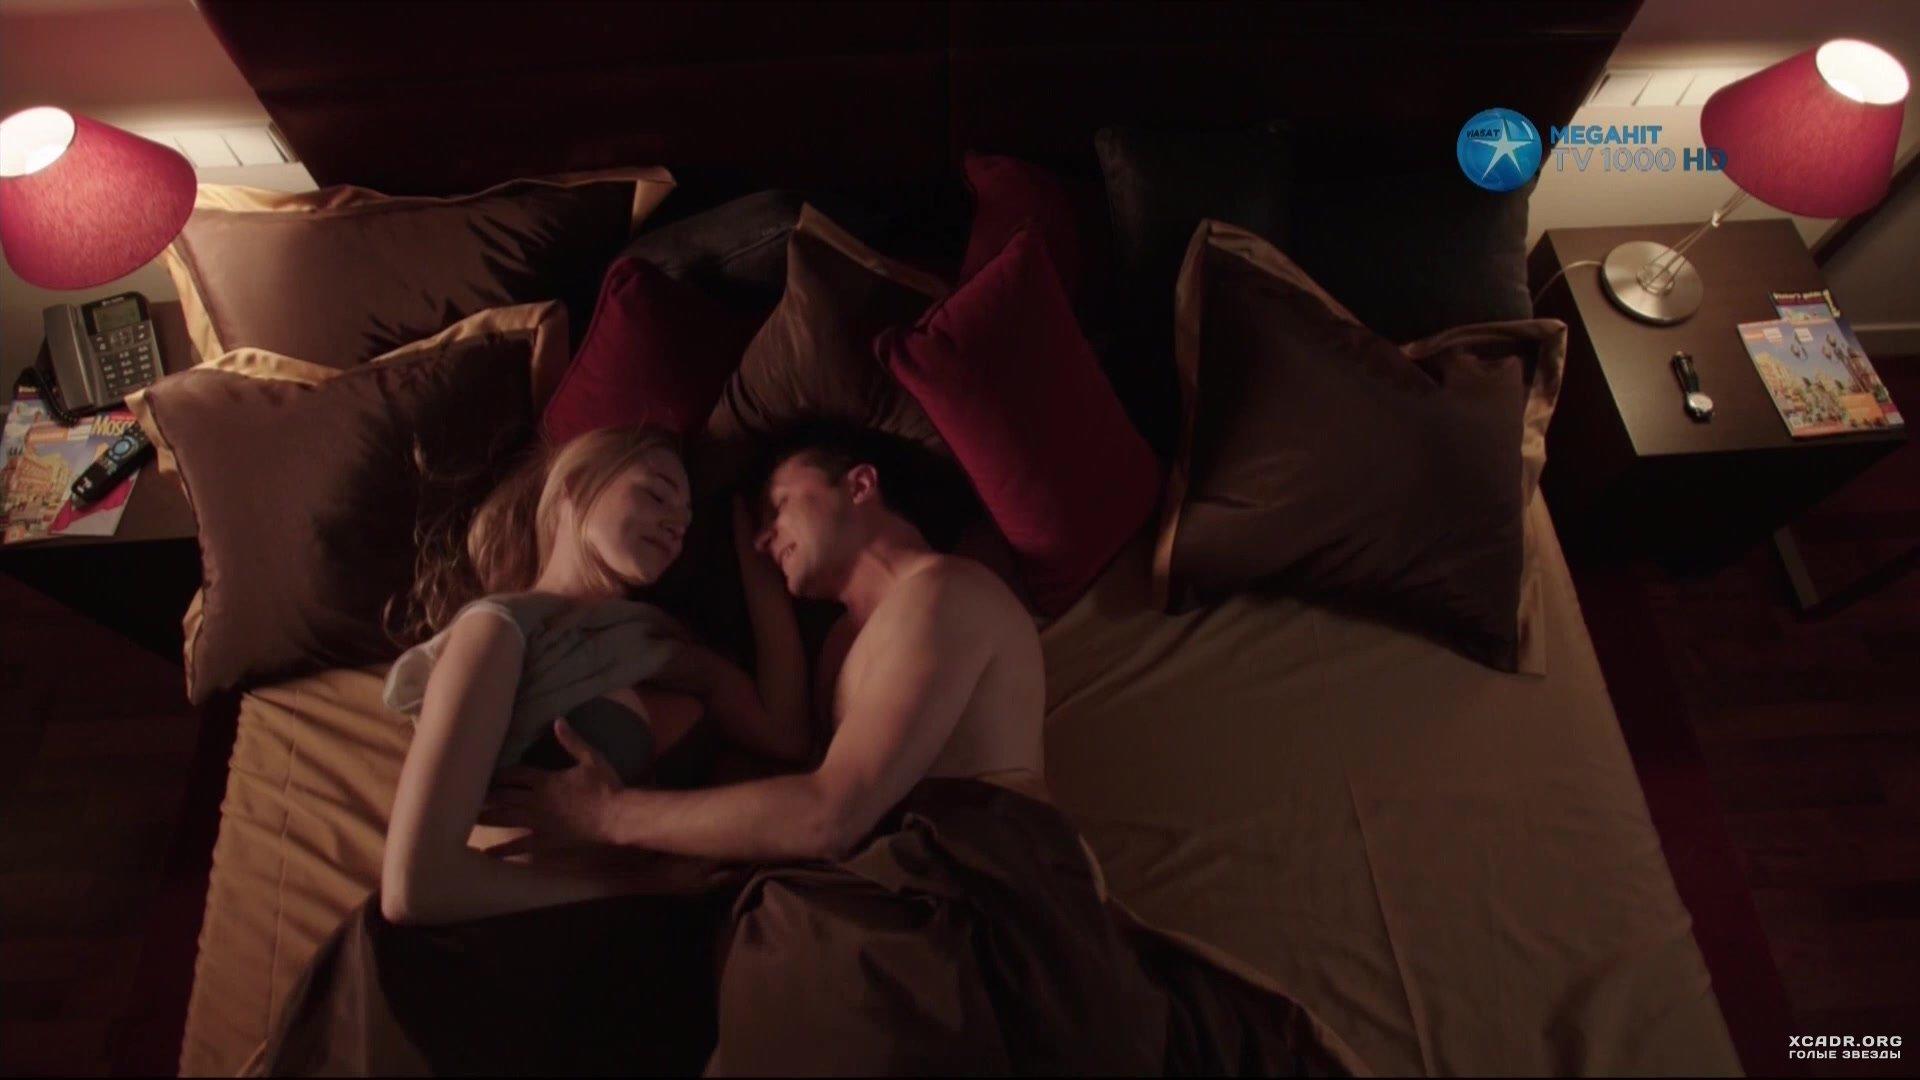 Смотреть русскую эротику про измены, Порно видео онлайн: РусскоеИзмена 10 фотография